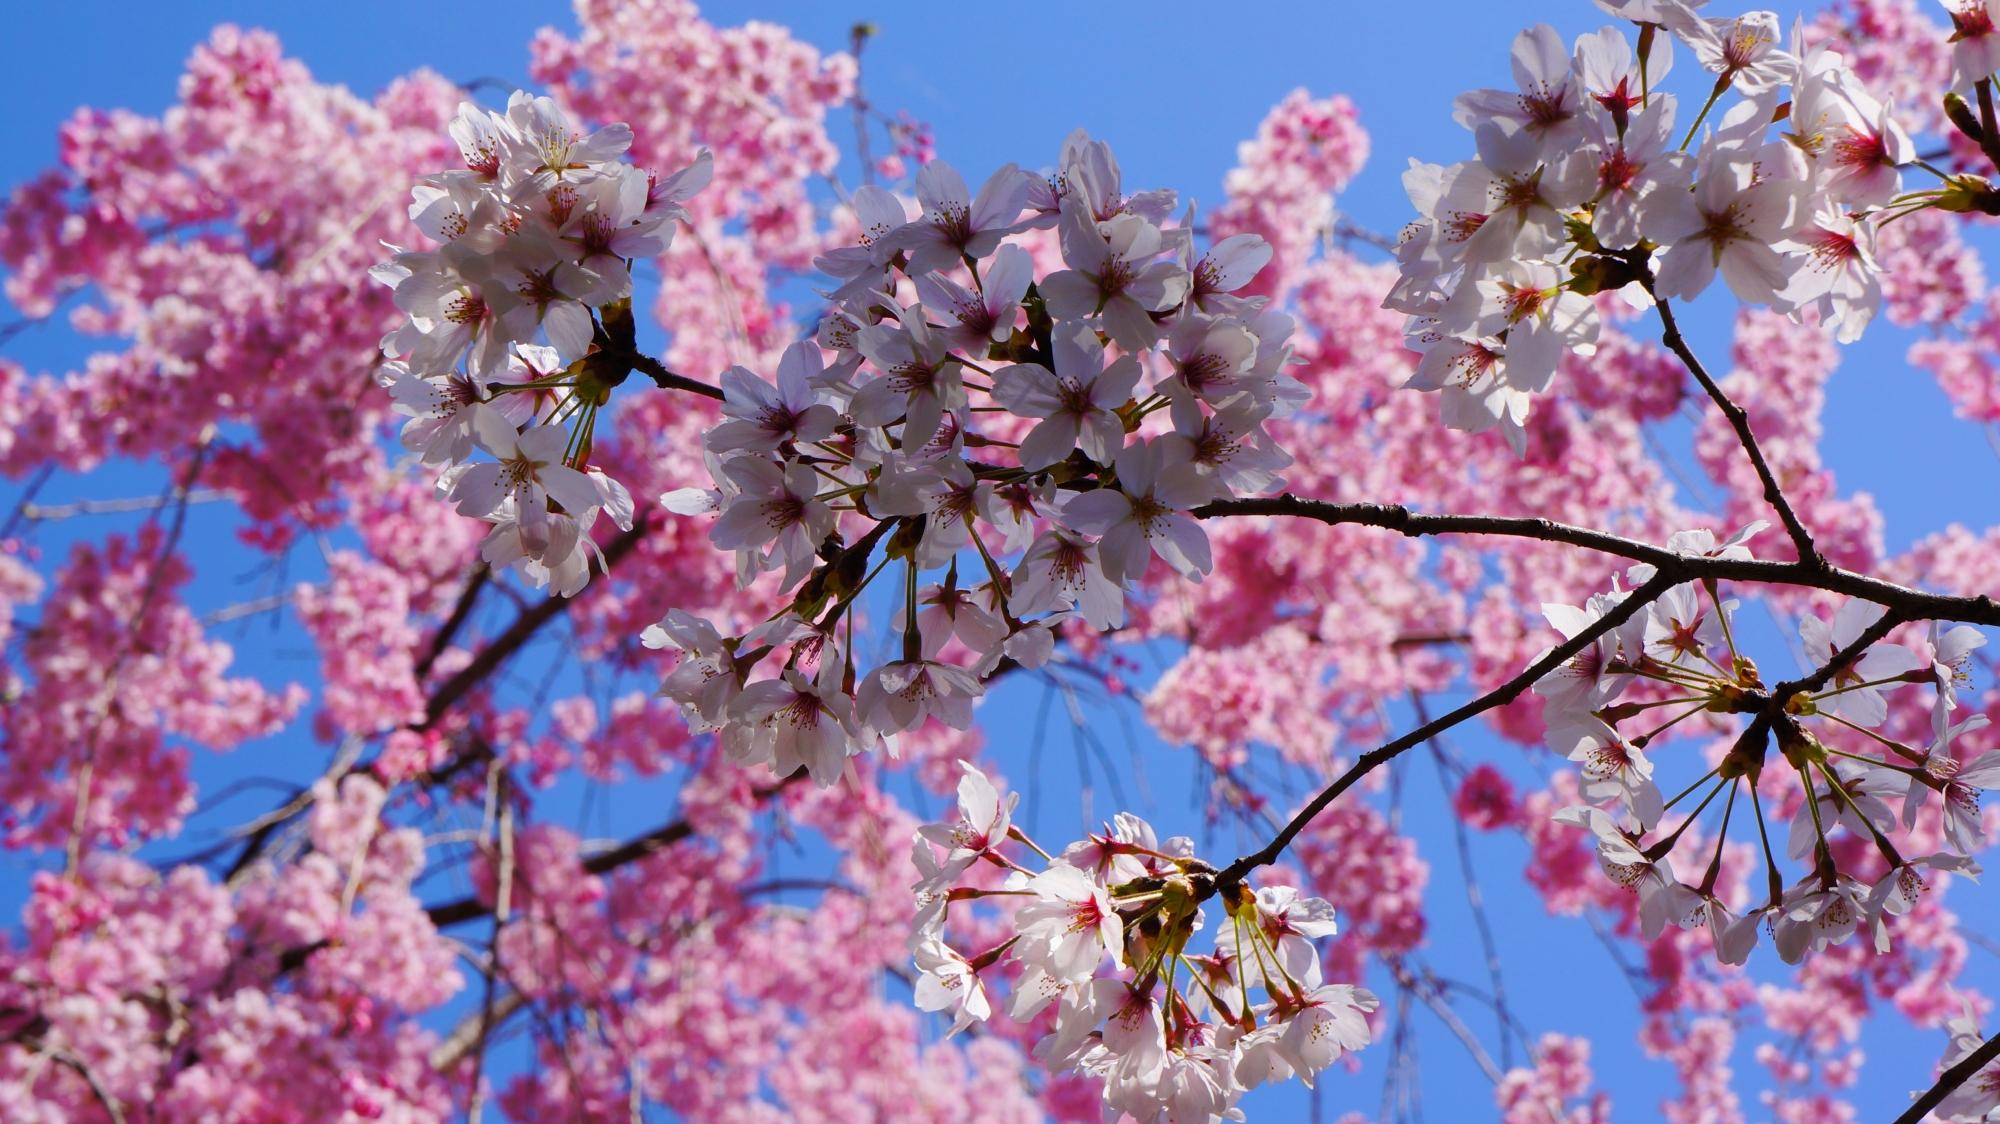 ピンクのしだれ桜と青空を背景にした白い染井吉野